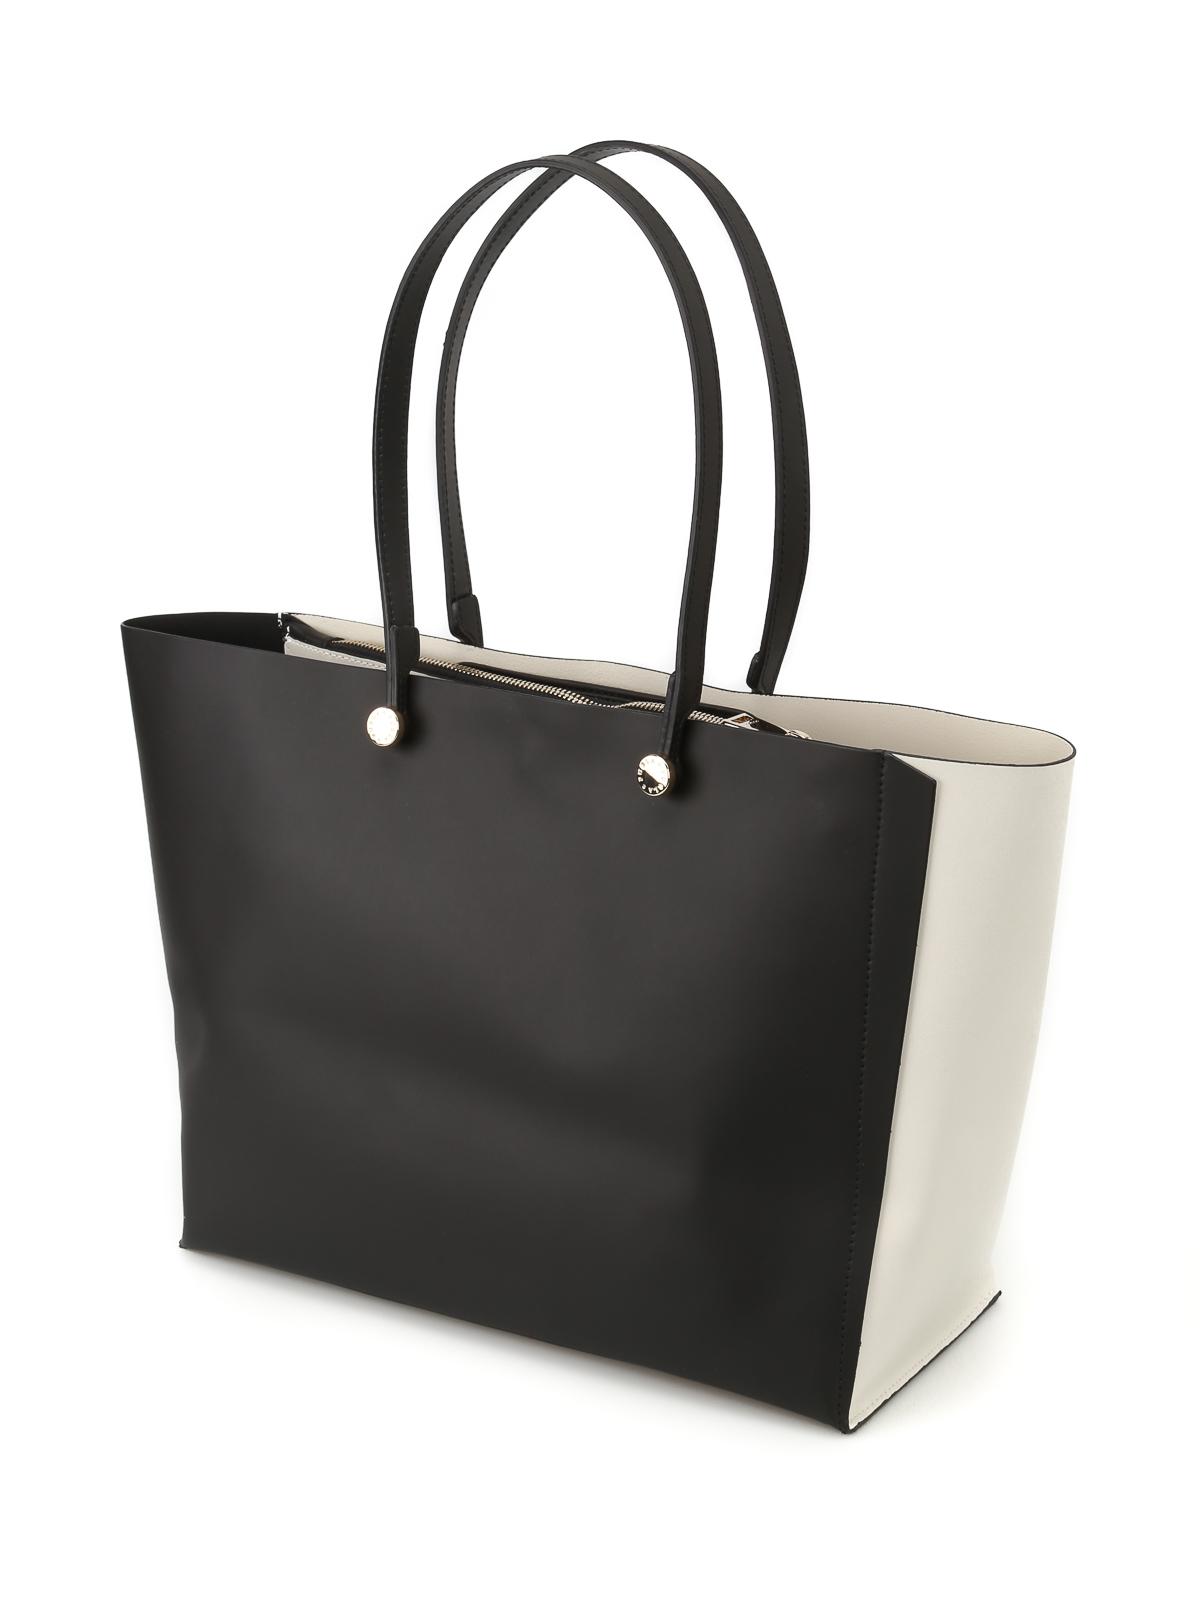 5cfbdc5ee3d11 Furla - Eden medium leather tote - totes bags - 920871